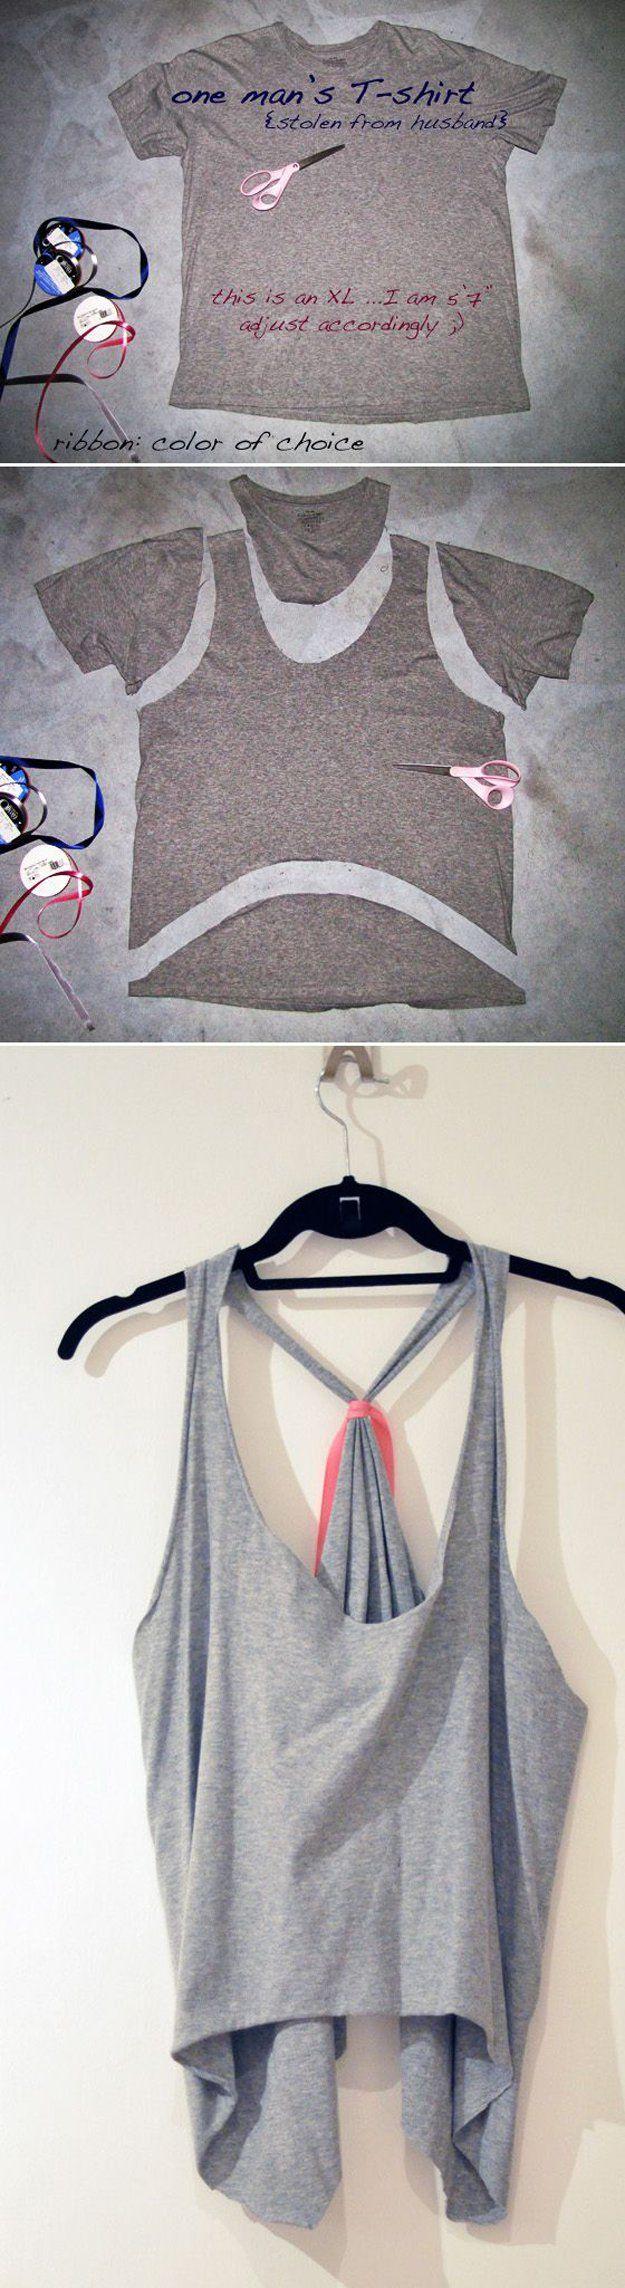 Fácil Recortable Tops para la Mujer | artesaniasdebricolaje.ru/diy-clothes-sewing-blouses-tutorial/